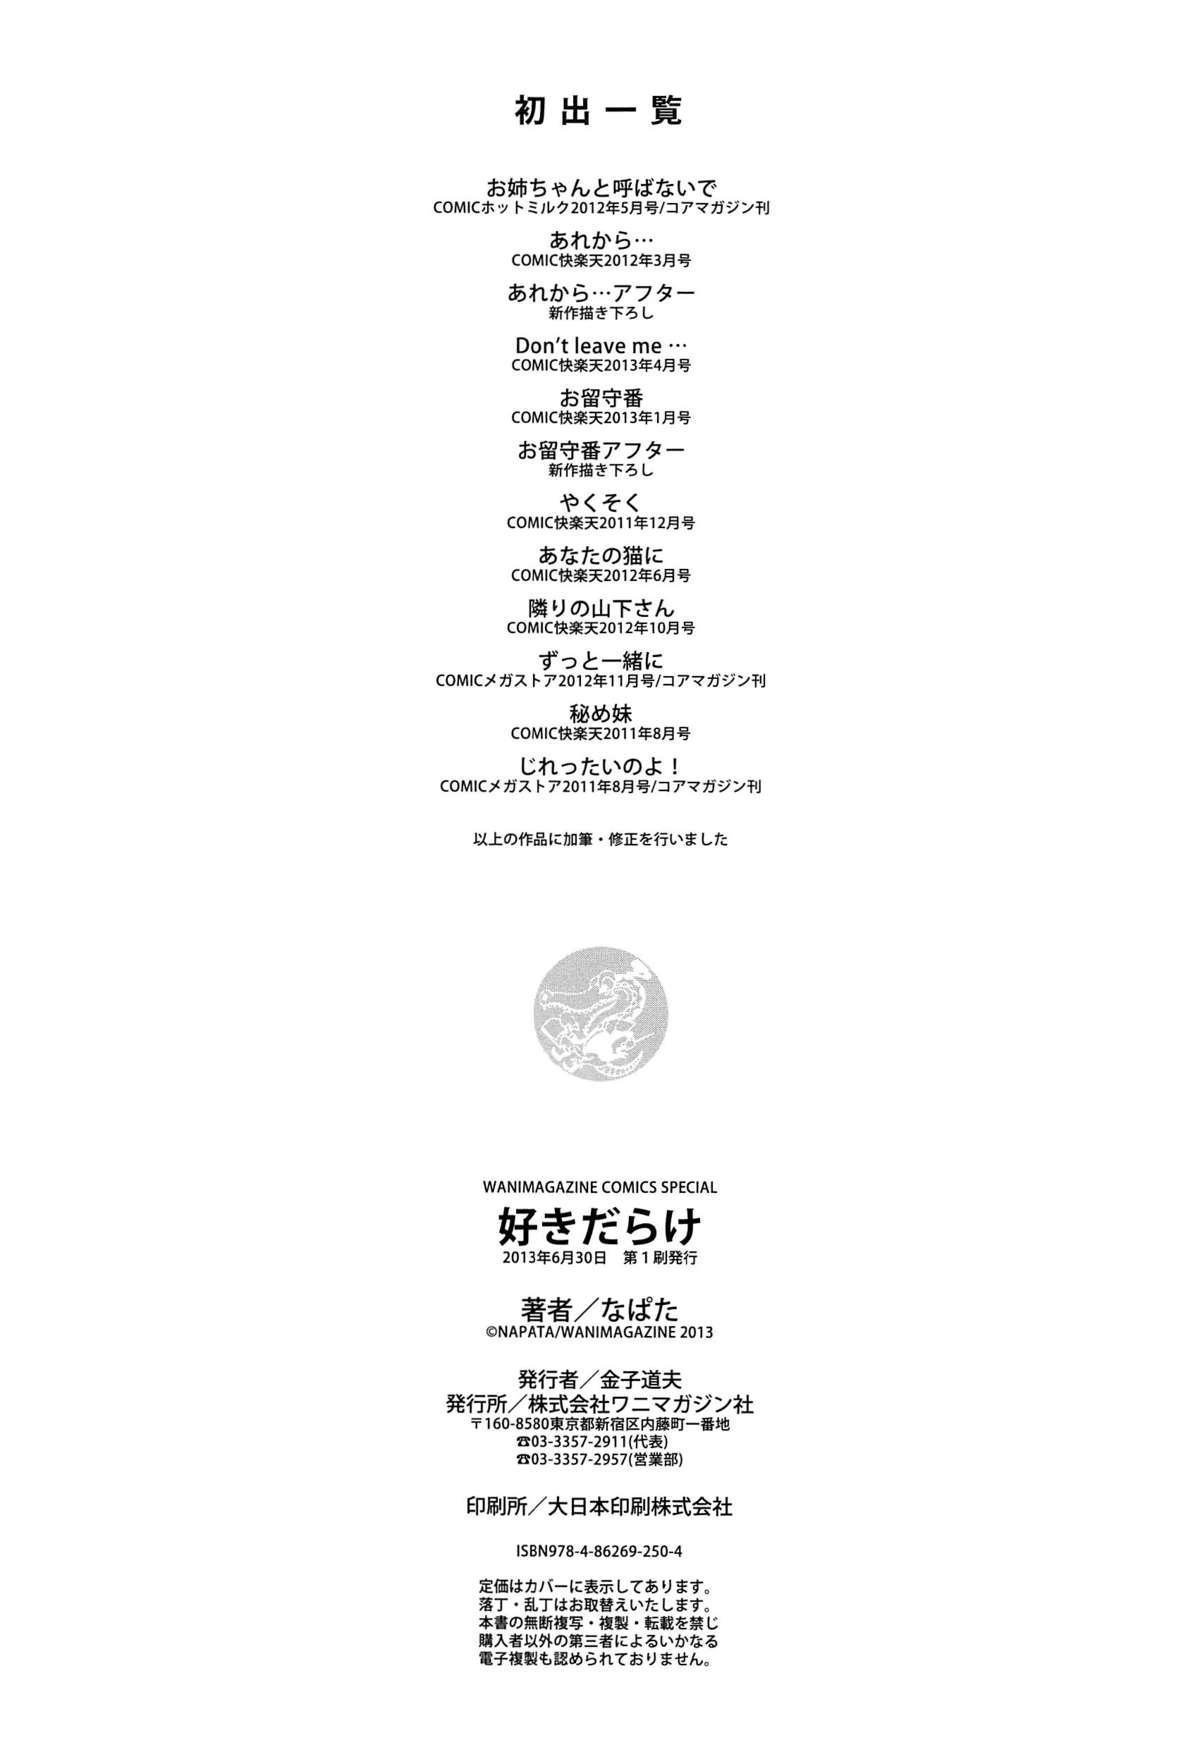 Lovely Lover's Love + Melonbooks extra + Toranoana extra 216